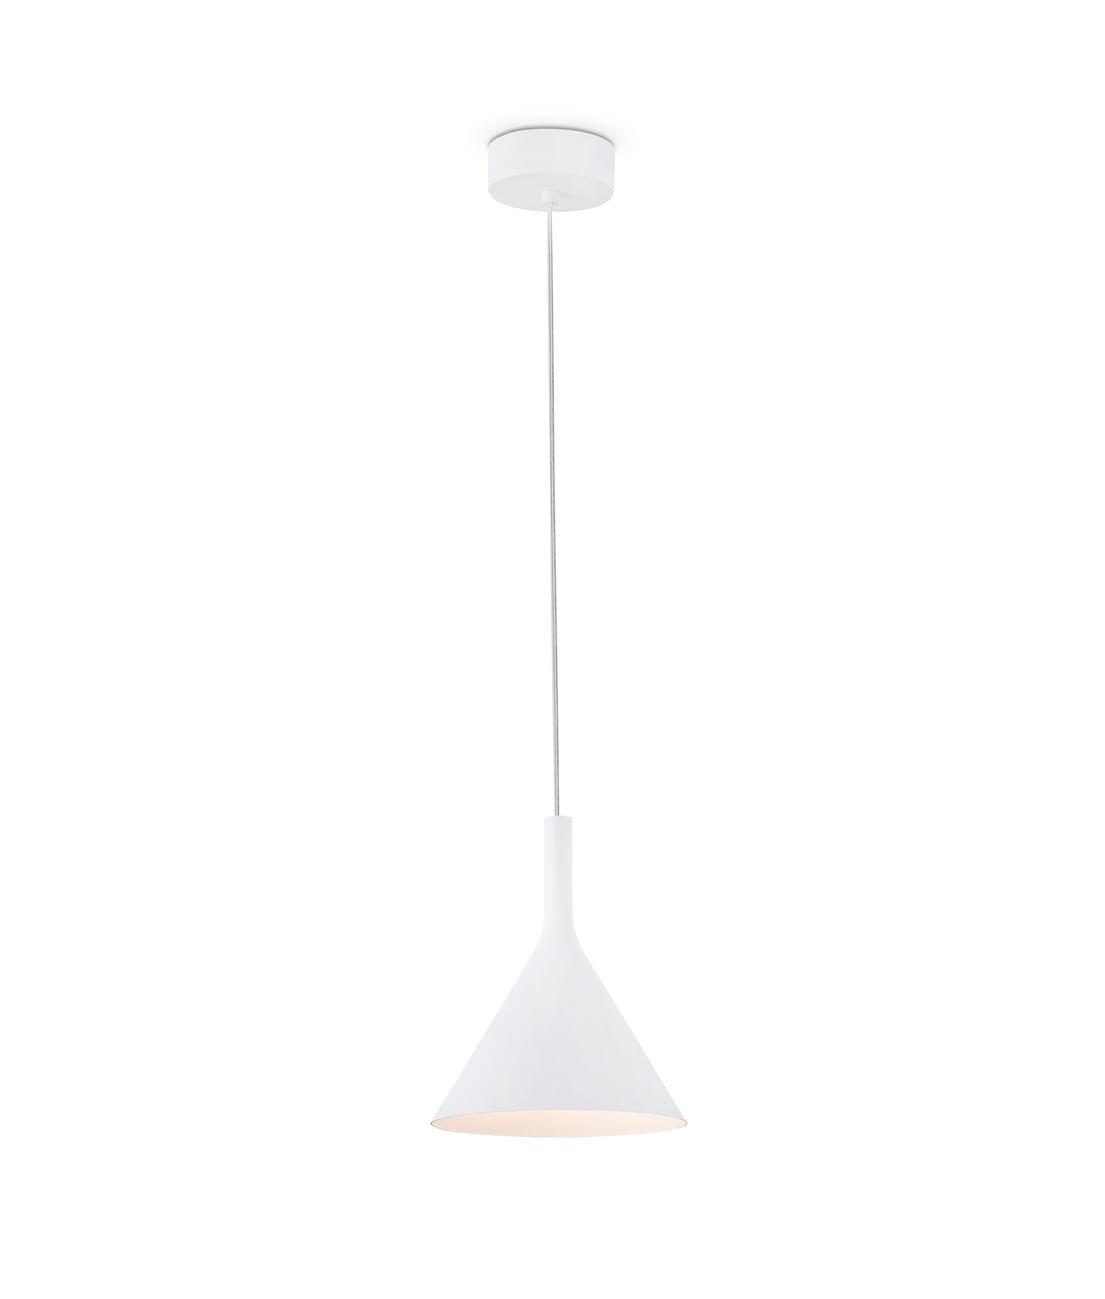 Lámpara de techo LED pequeña PAM blanco